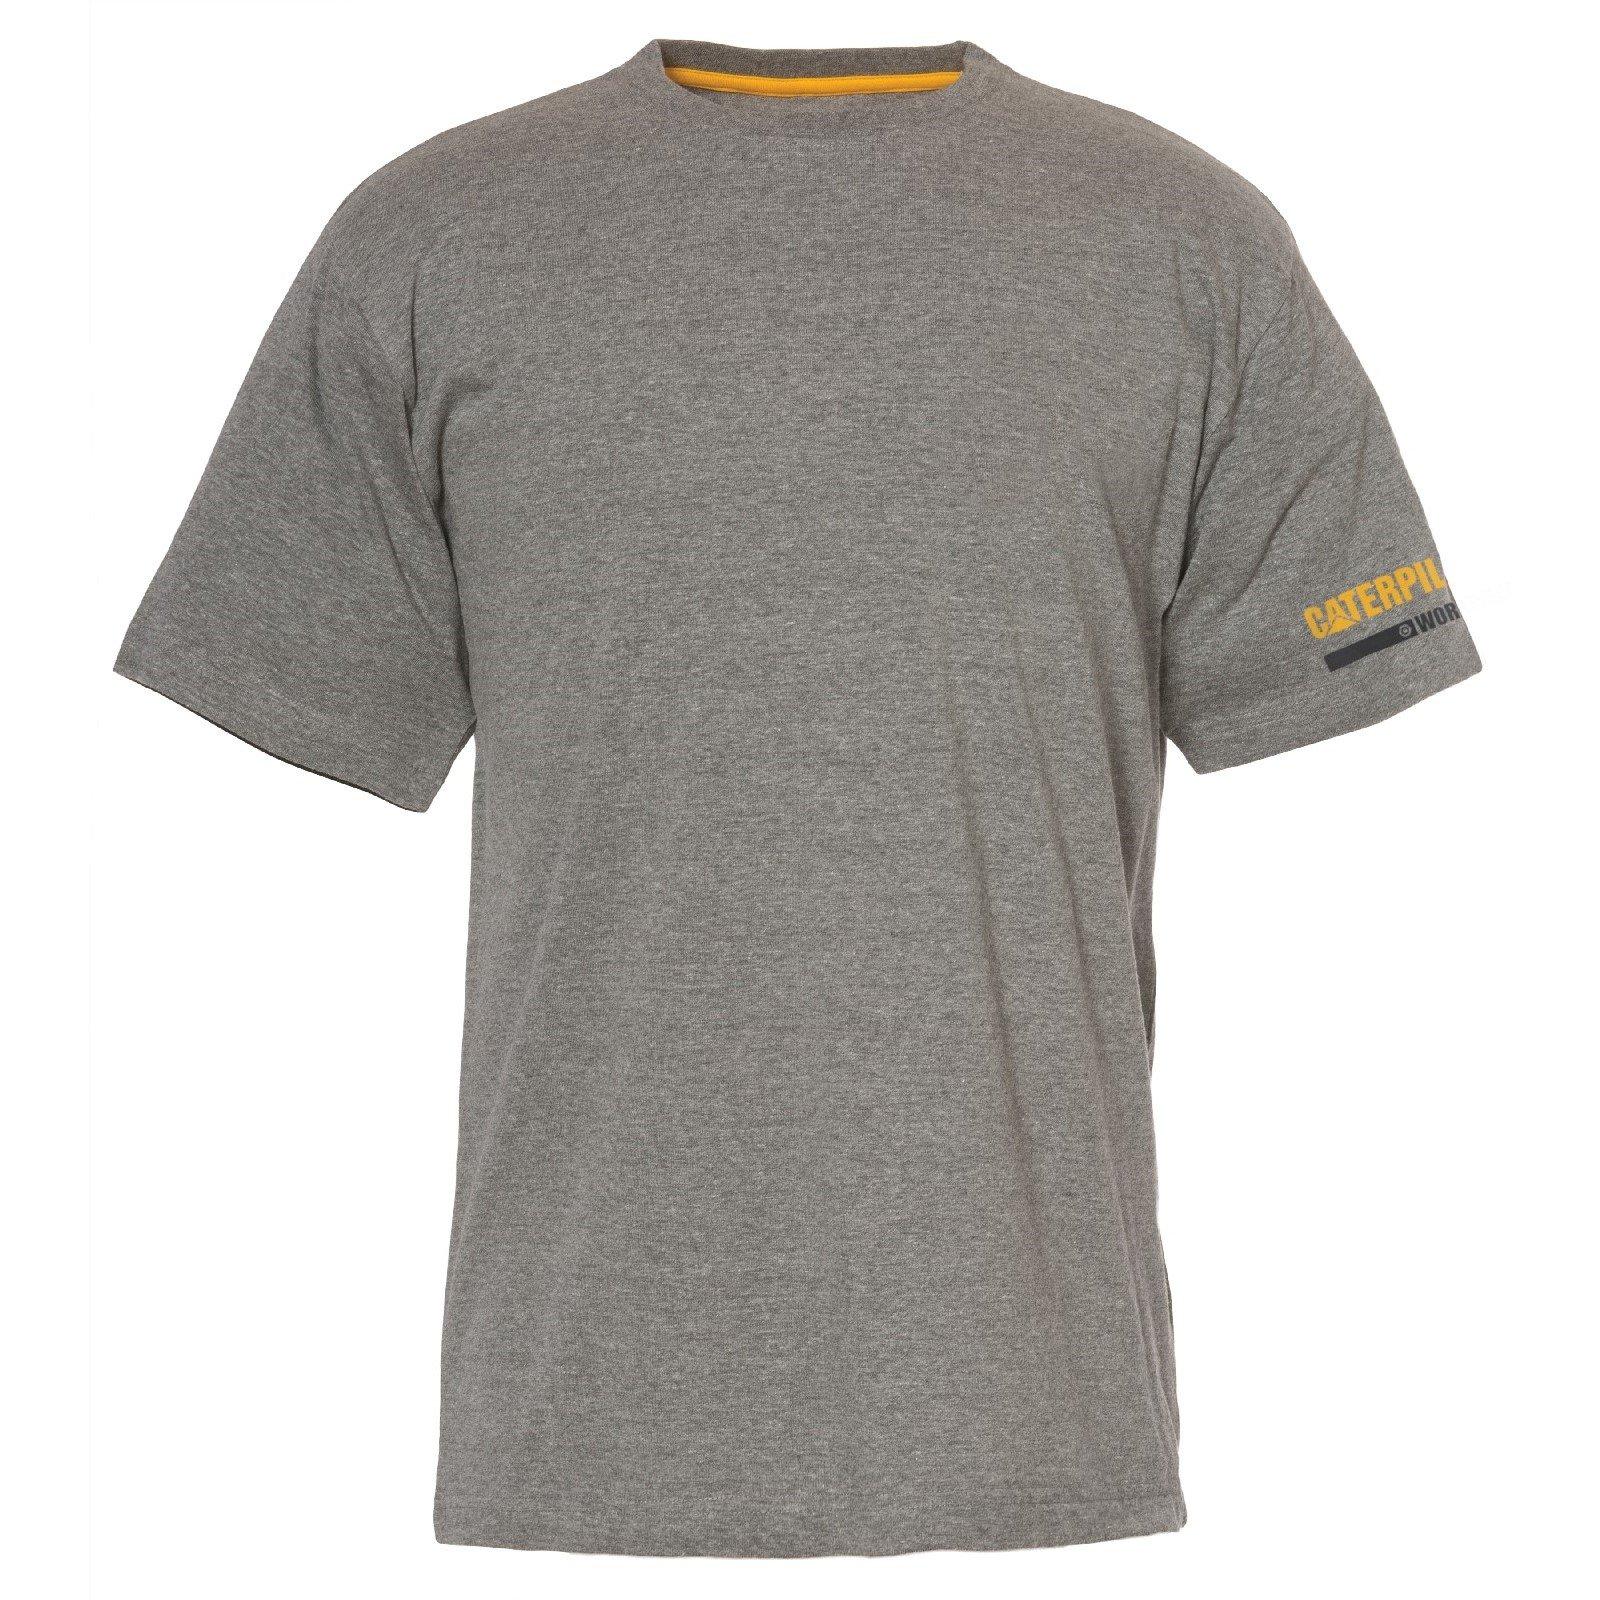 Caterpillar Men's Essentials SS T-Shirt Various Colours 28885-48760 - Dark Grey Sml